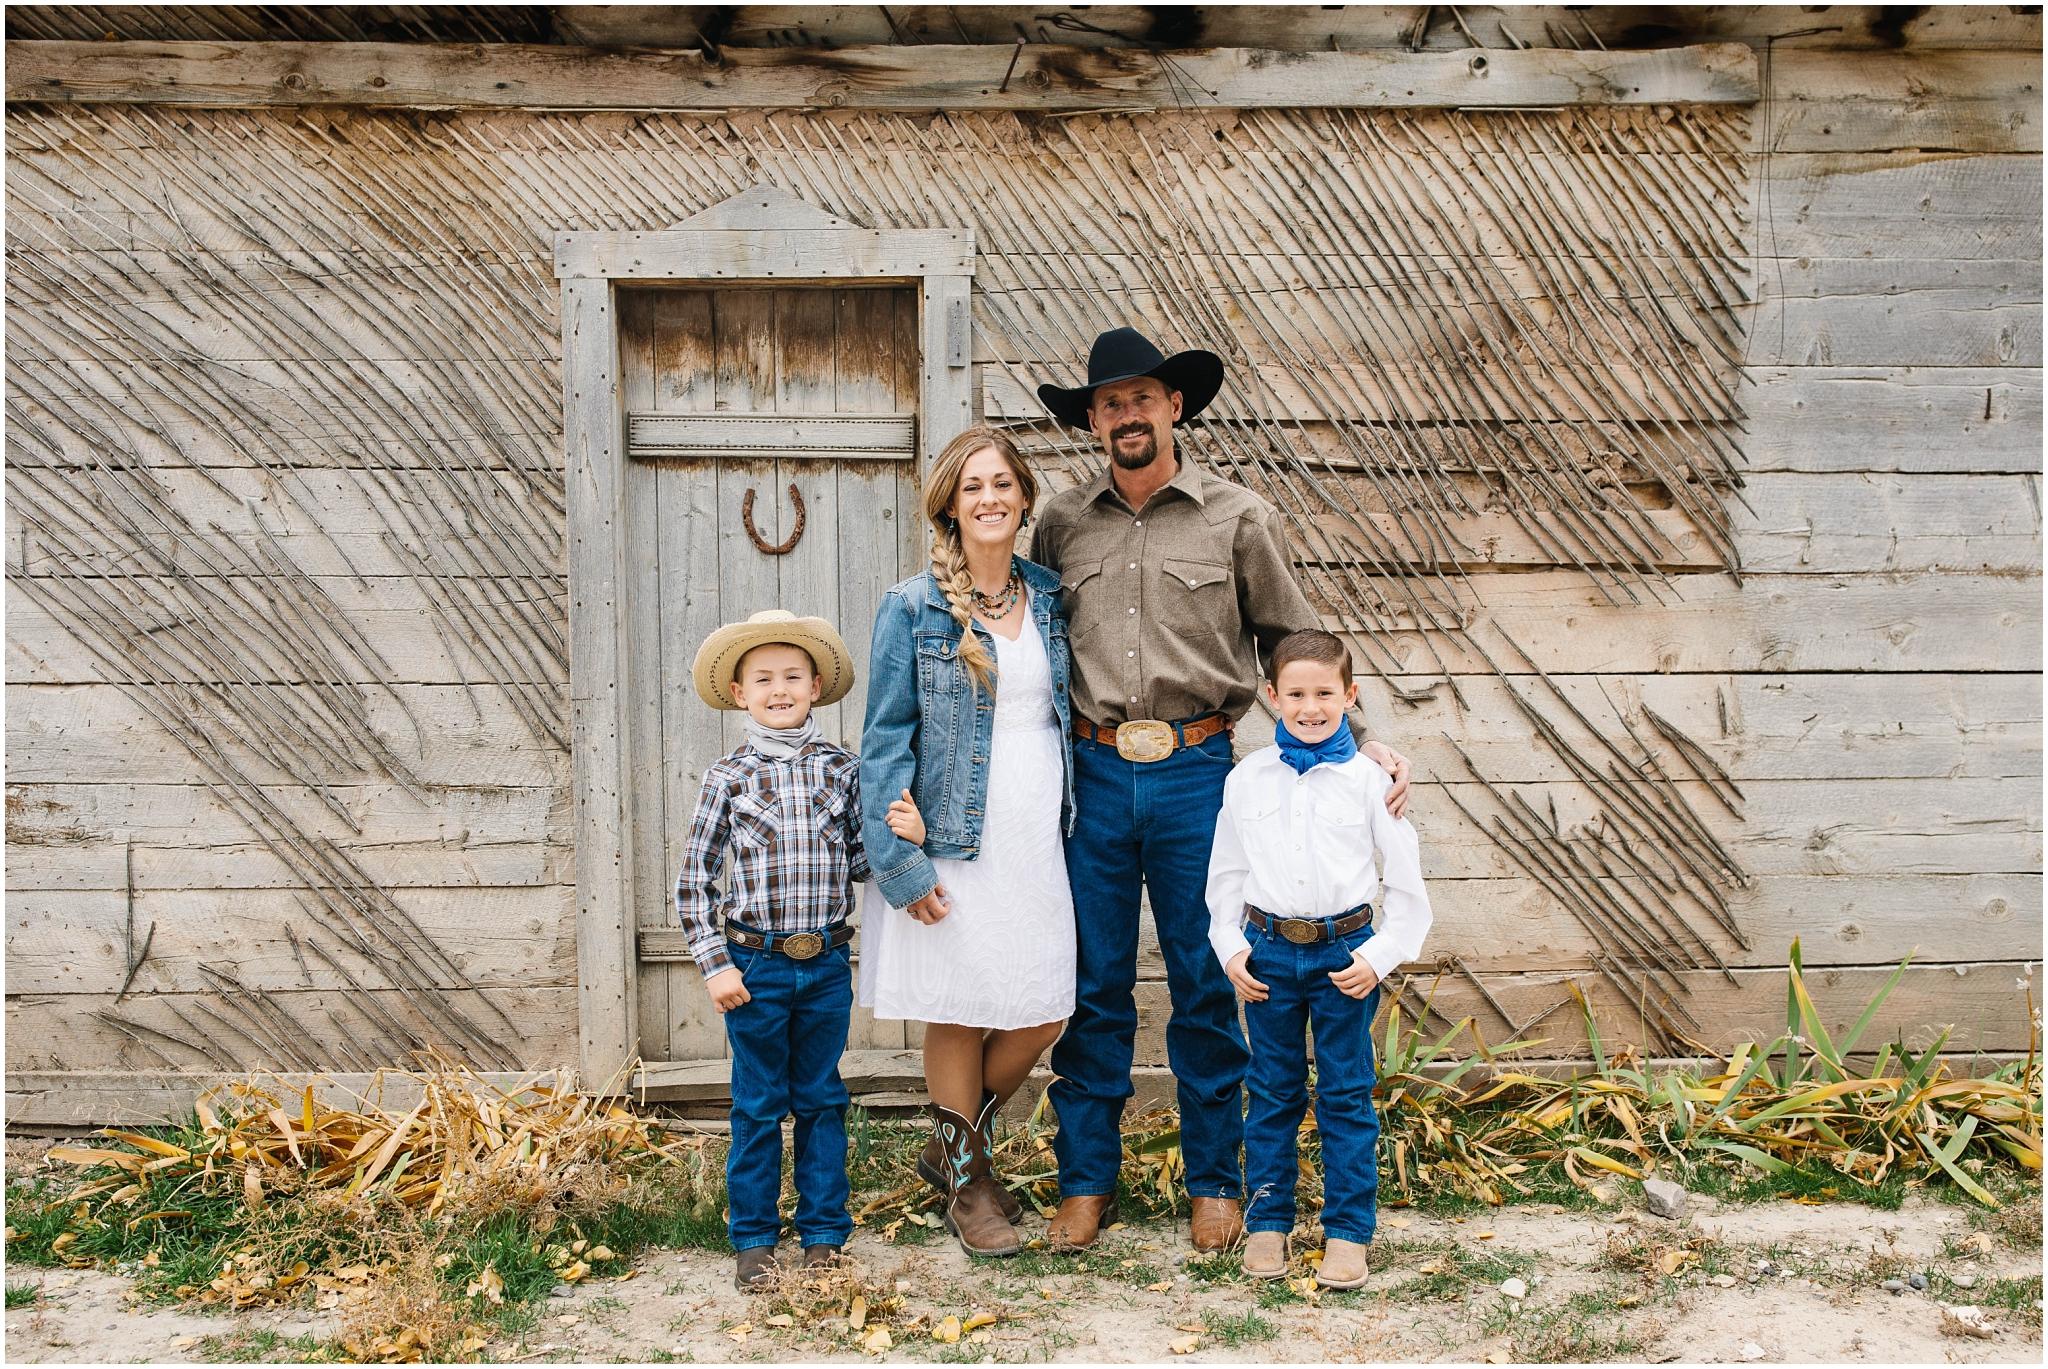 Lister-2_Lizzie-B-Imagery-Utah-Family-Photographer-Salt-Lake-City-Park-City-Utah-County.jpg